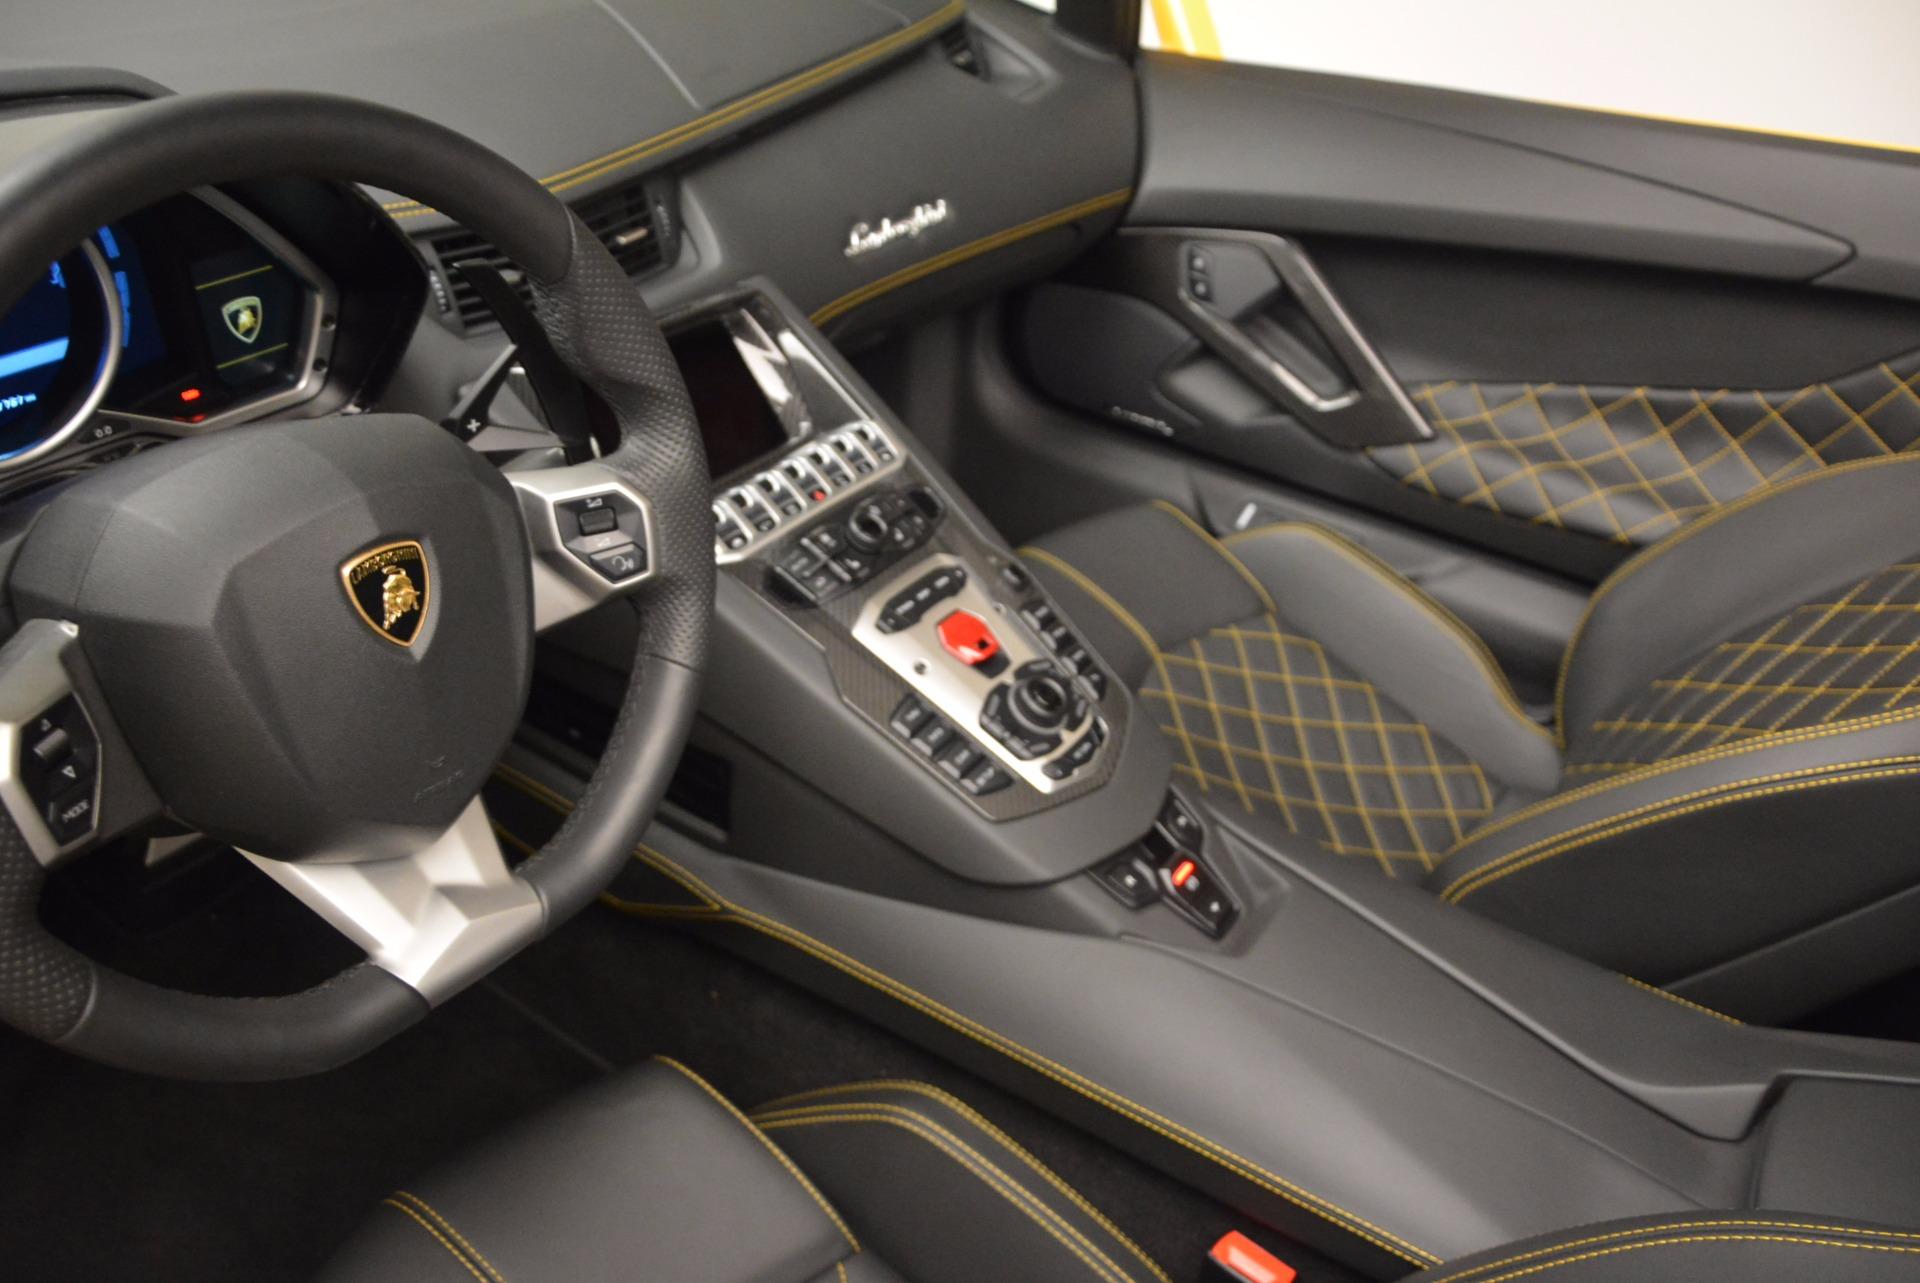 Used 2015 Lamborghini Aventador LP 700-4 Roadster For Sale In Greenwich, CT. Alfa Romeo of Greenwich, 7284 1774_p19